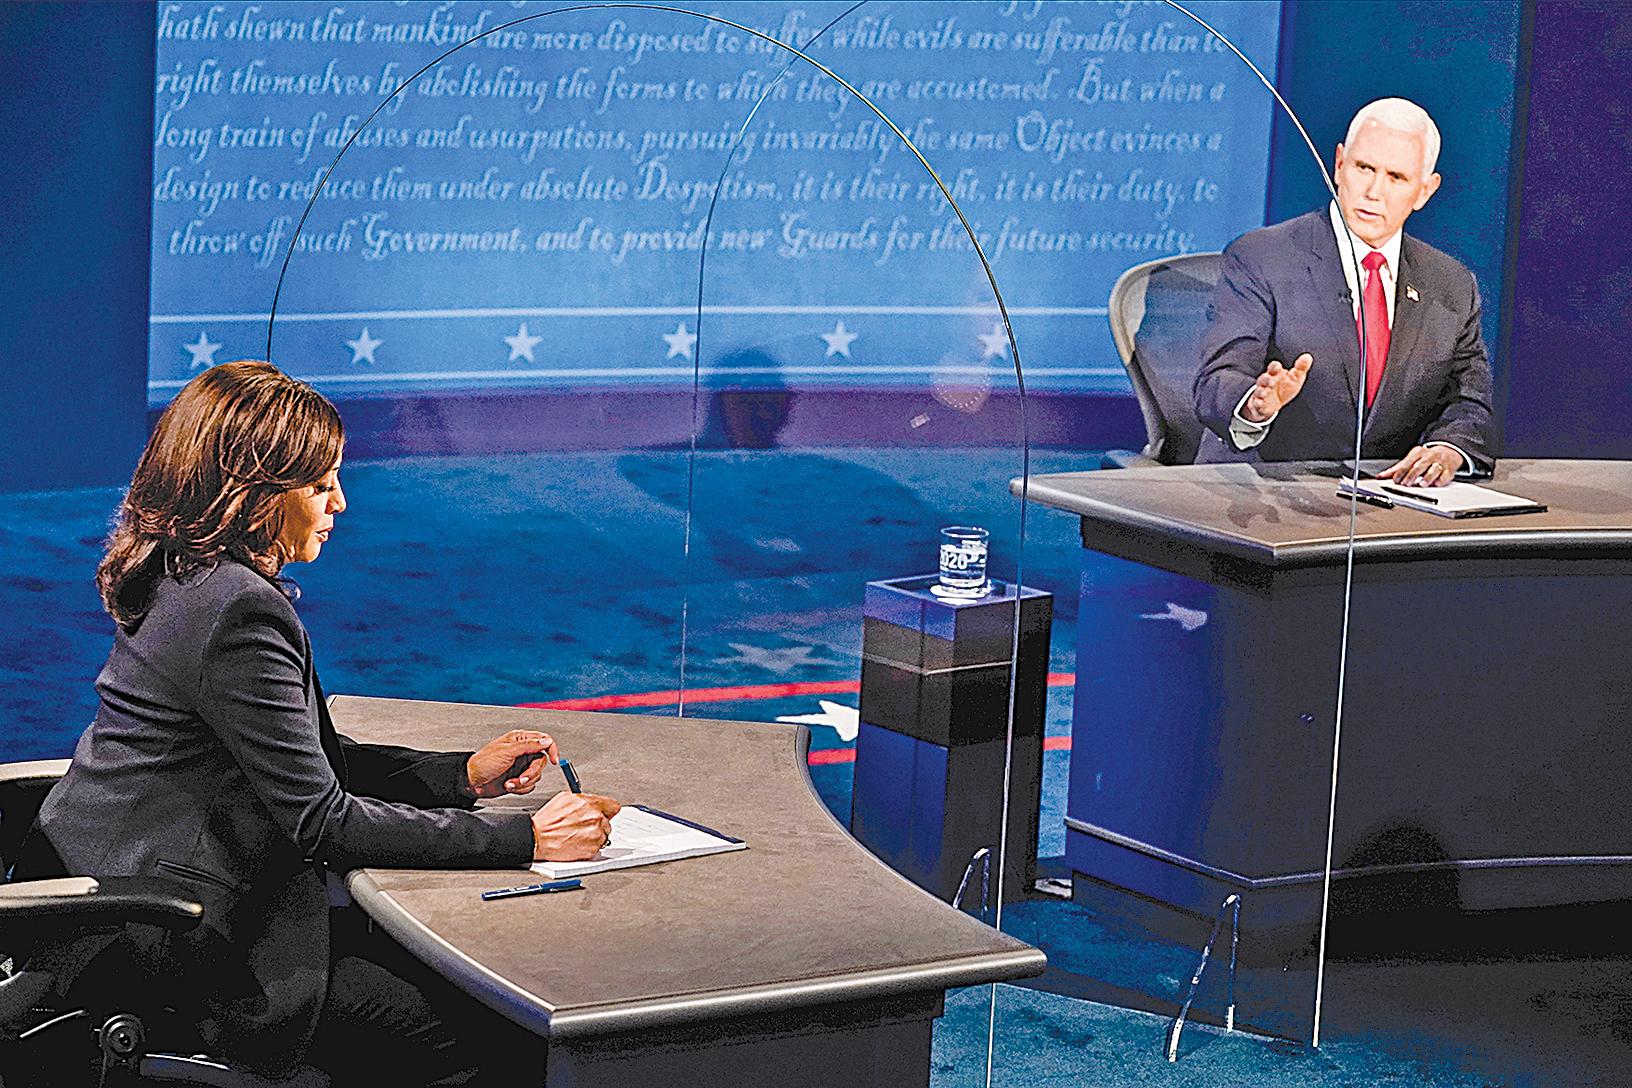 2020年10月7日,美國副總統米克彭斯(Mike Pence,右)和美國民主黨副總統候選人參議員賀錦麗(Kamala Harris,左),在猶他州鹽湖城參加2020美國大選唯一的一場副總統候選人辯論。(Morry Gash-Pool/Getty Images)